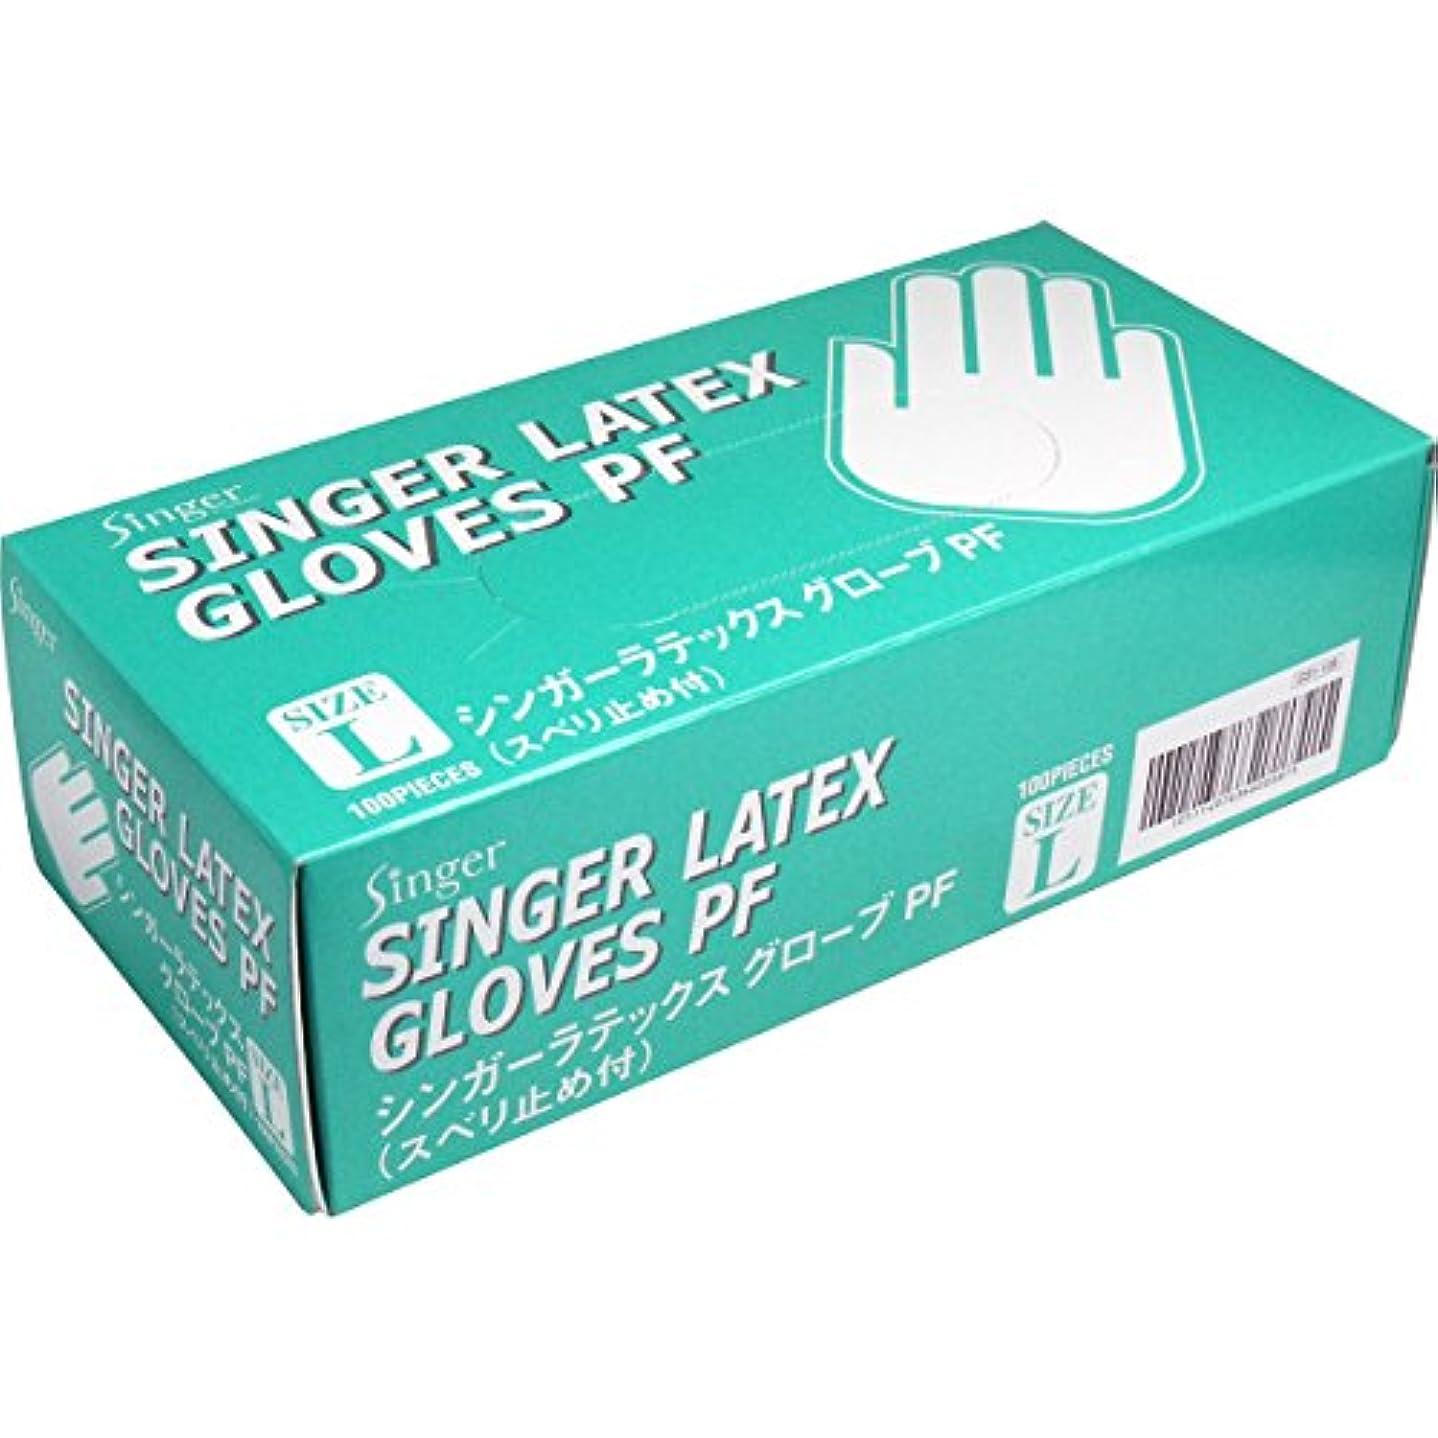 気まぐれな断線不忠パウダーフリー手袋 素手感覚で使える 使いやすい シンガーラテックスグローブ パウダーフリー スベリ止め付 Lサイズ 100枚入【2個セット】